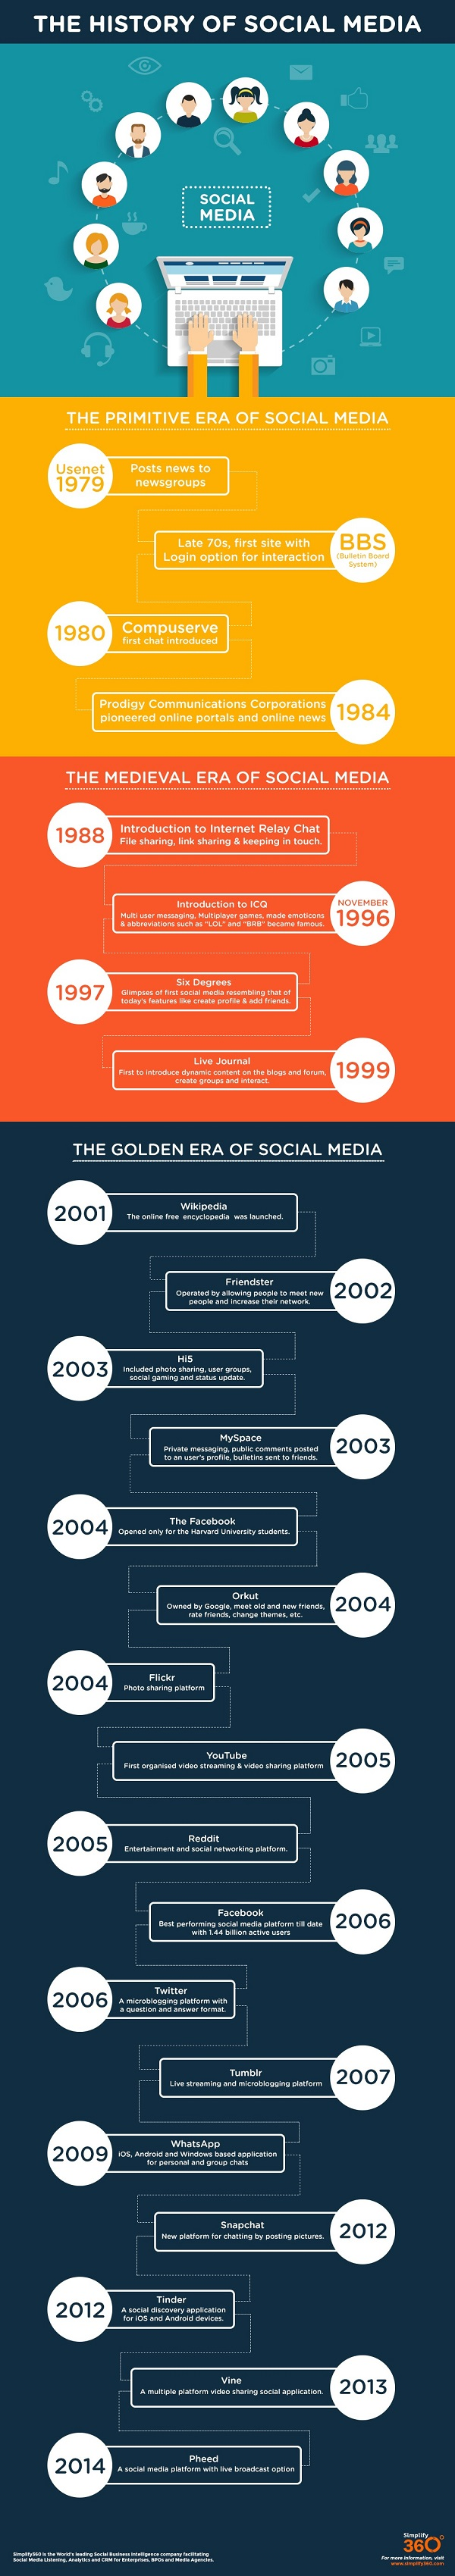 History of social media